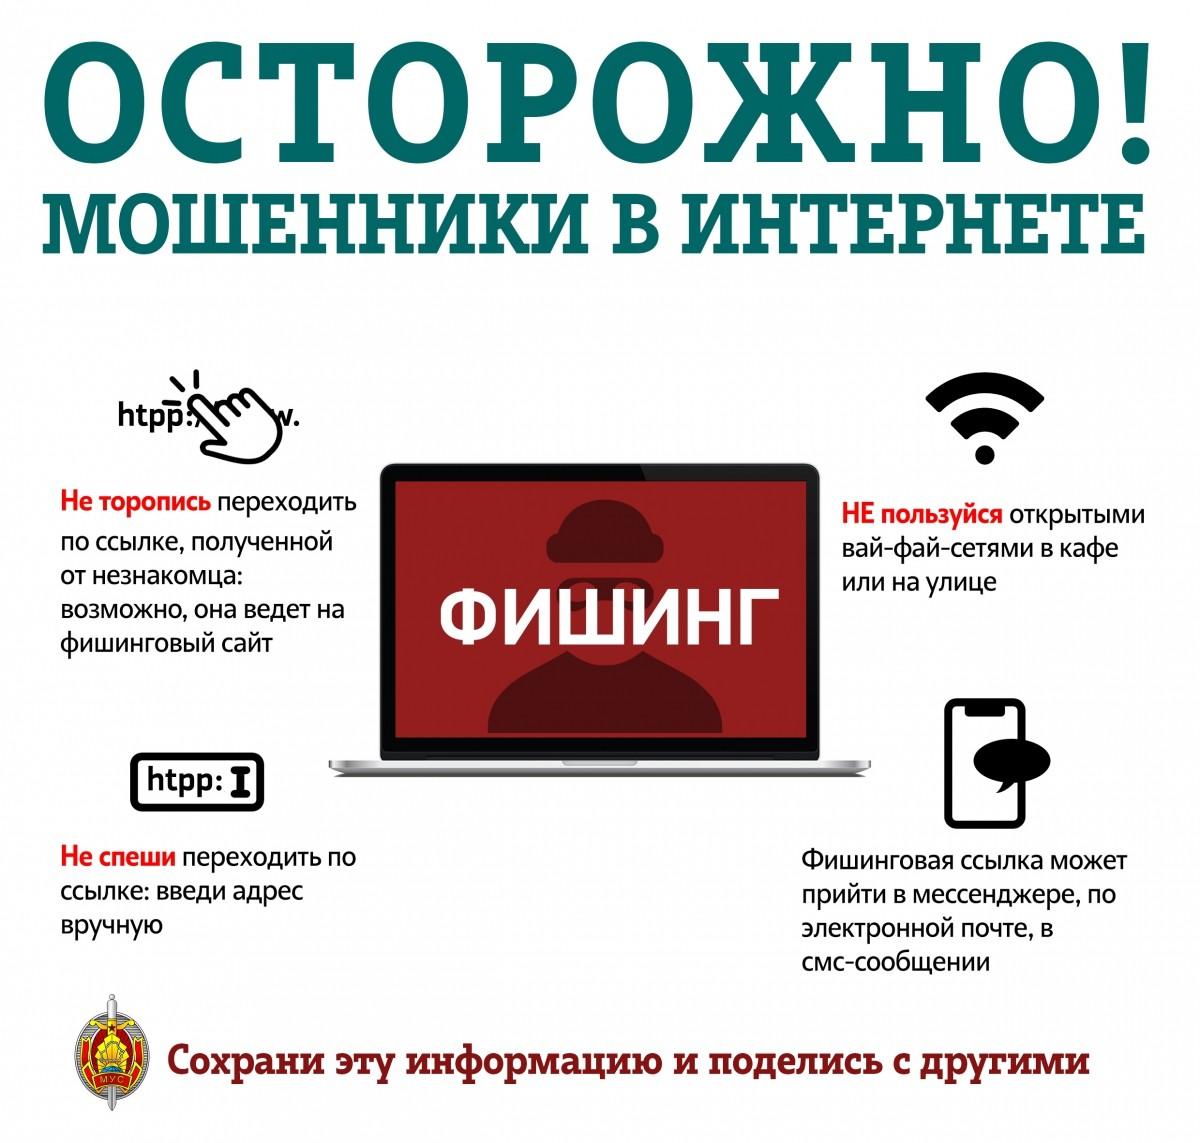 Декада кибербезопасности проходит в республике с 10 по 20 мая